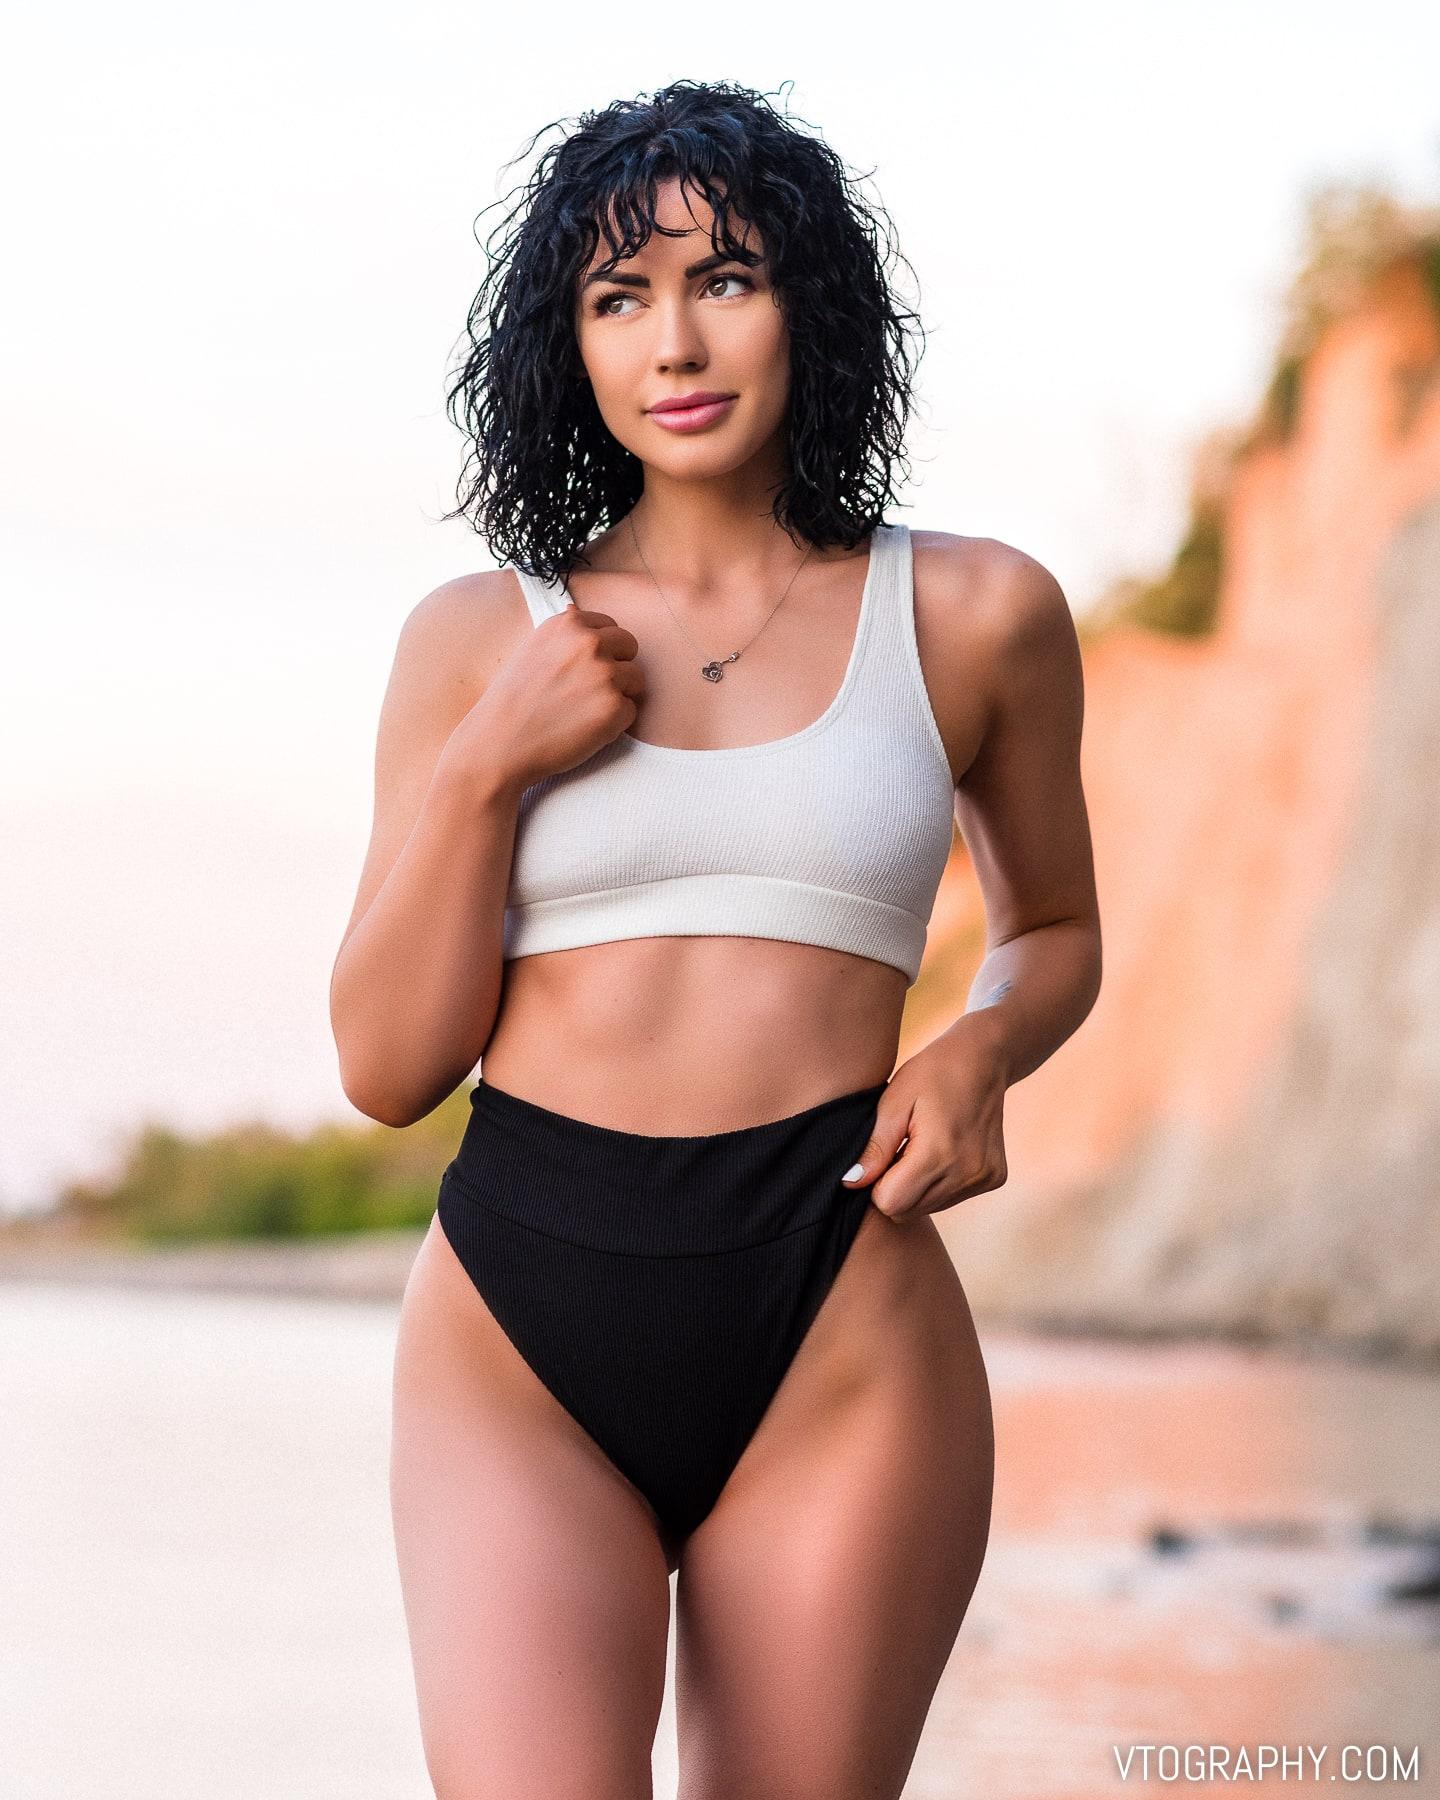 Ashley Drew wearing high cut black and white bikini